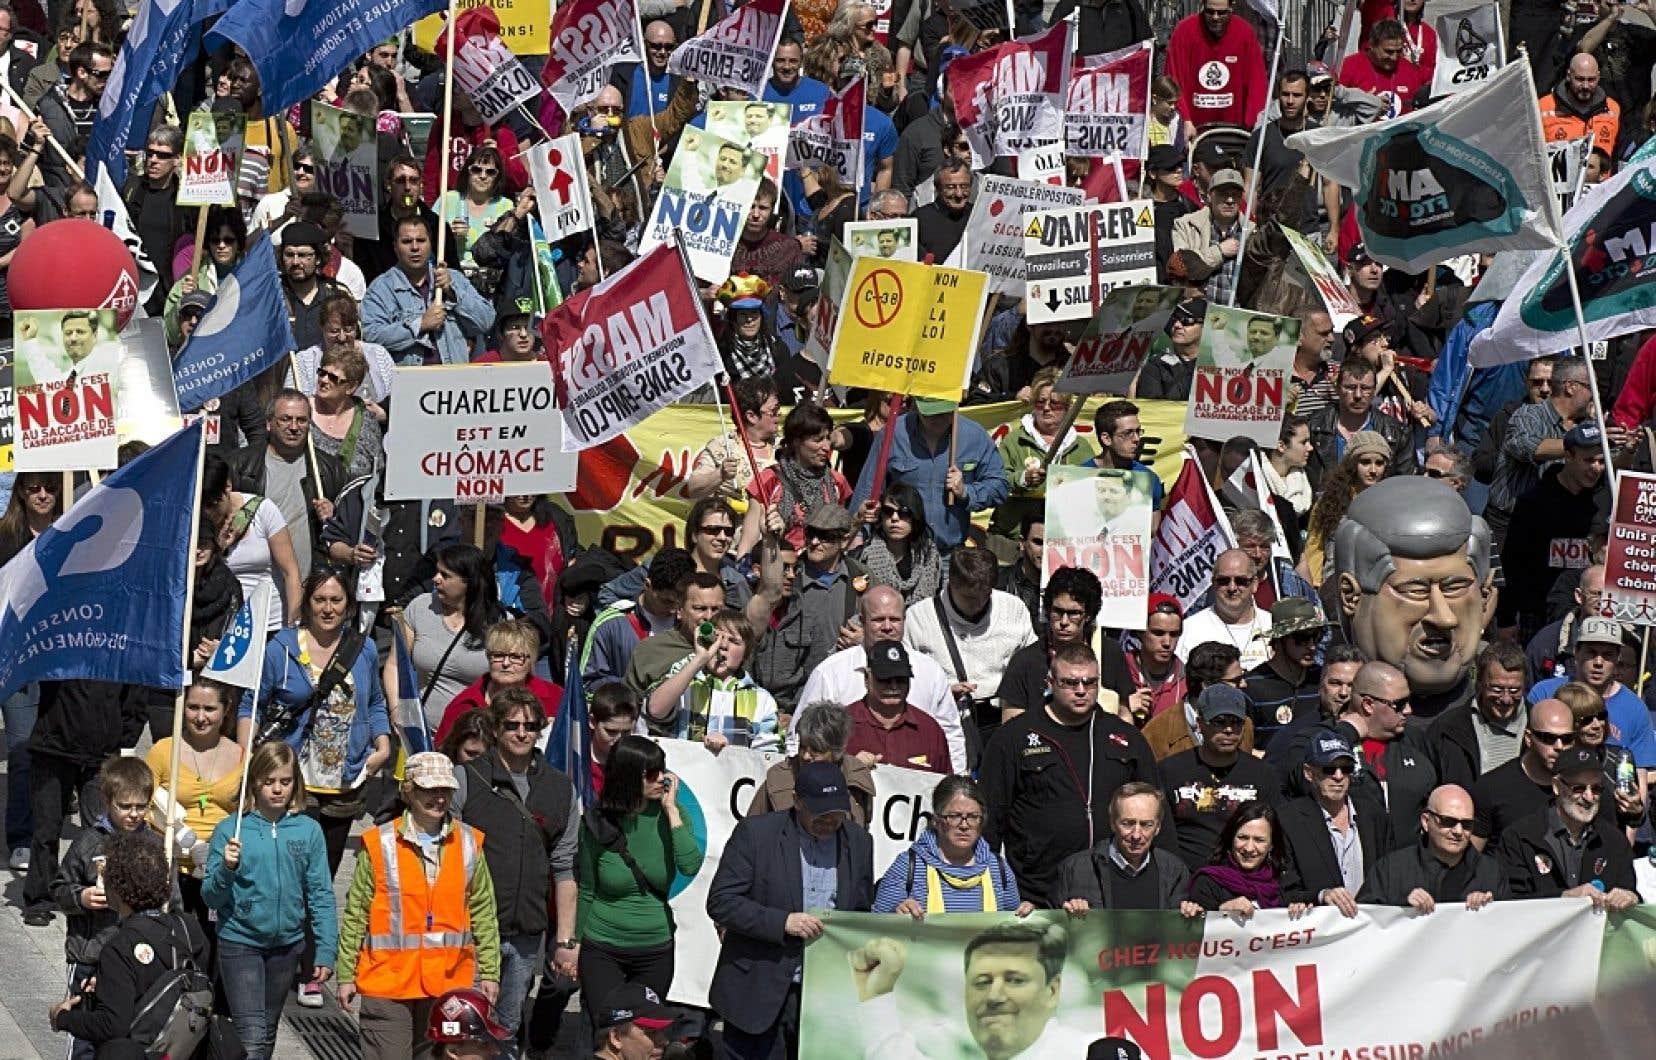 Des manifestants étaient venus de partout au Québec pour dénoncer les récentes restrictions fédérales touchant les chômeurs.